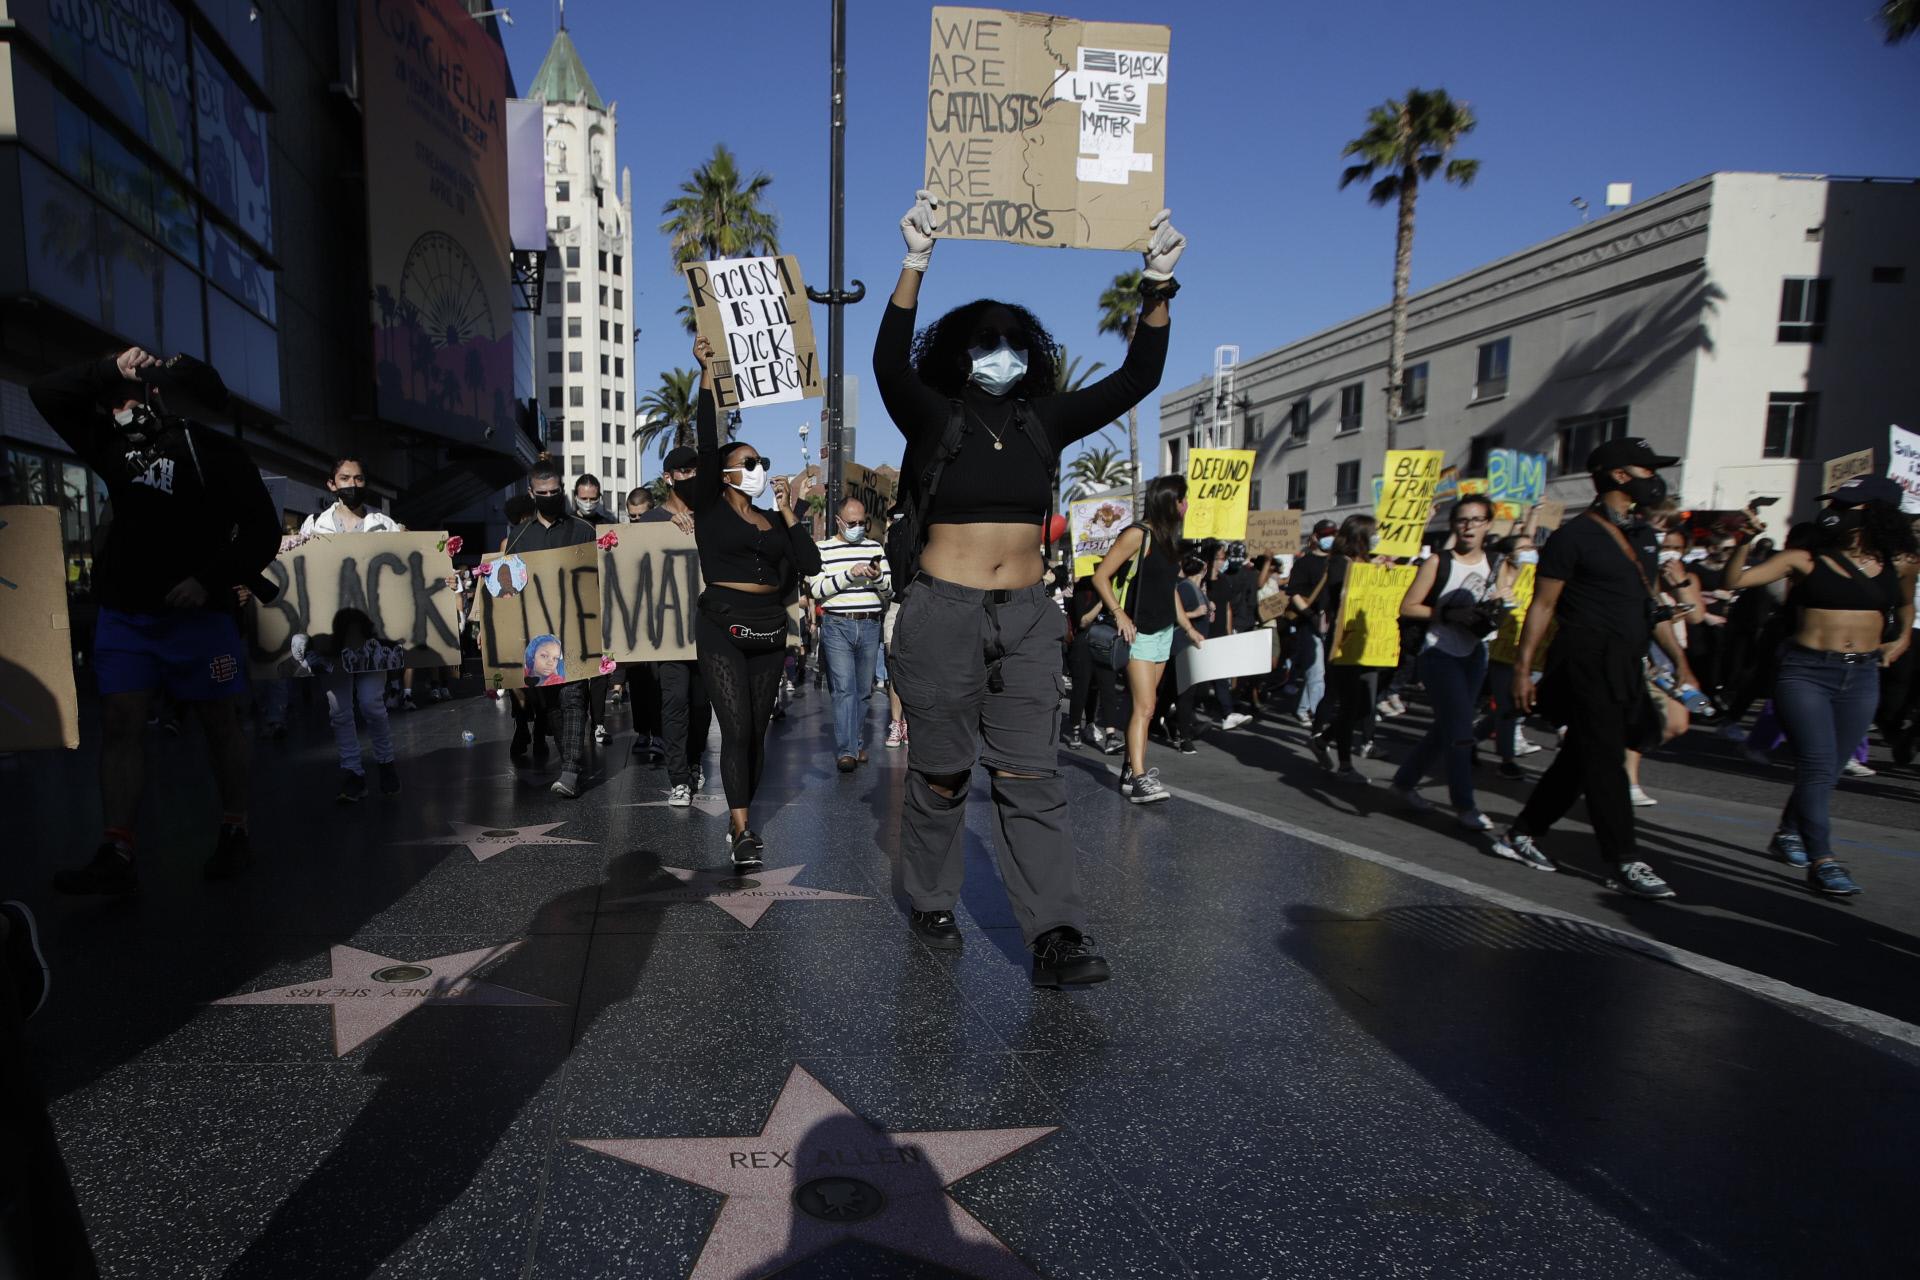 Las protestas antirracistas desatadas por el homicidio de George Floyd han llegado hasta el Paseo de la Fama de Hollywood, donde reclaman igualdad también dentro del mundo del cine.